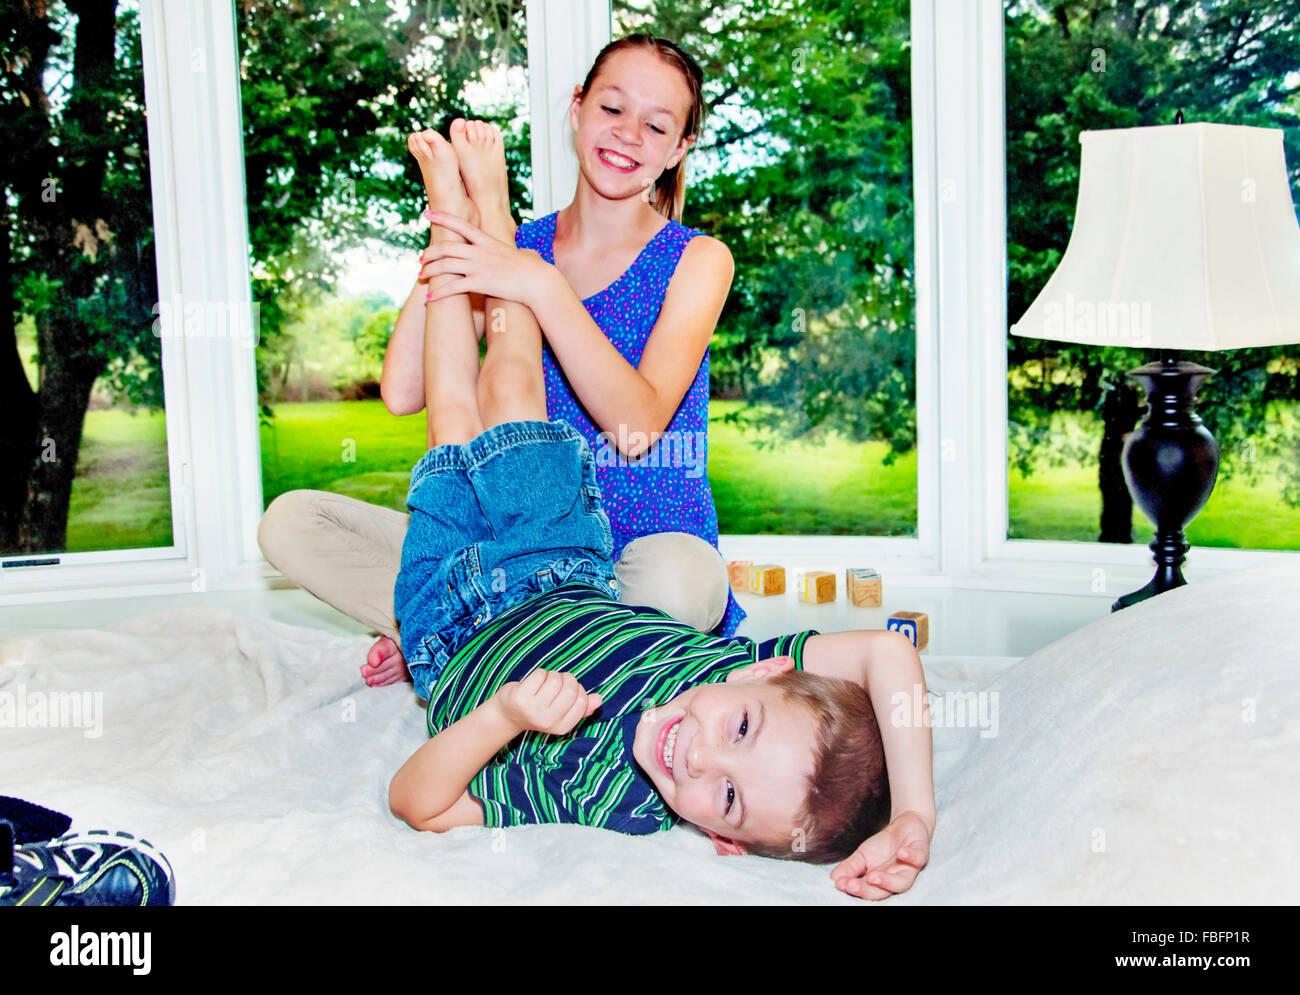 Mädchen Jungen Füßchen auf Bett kitzeln Stockfoto